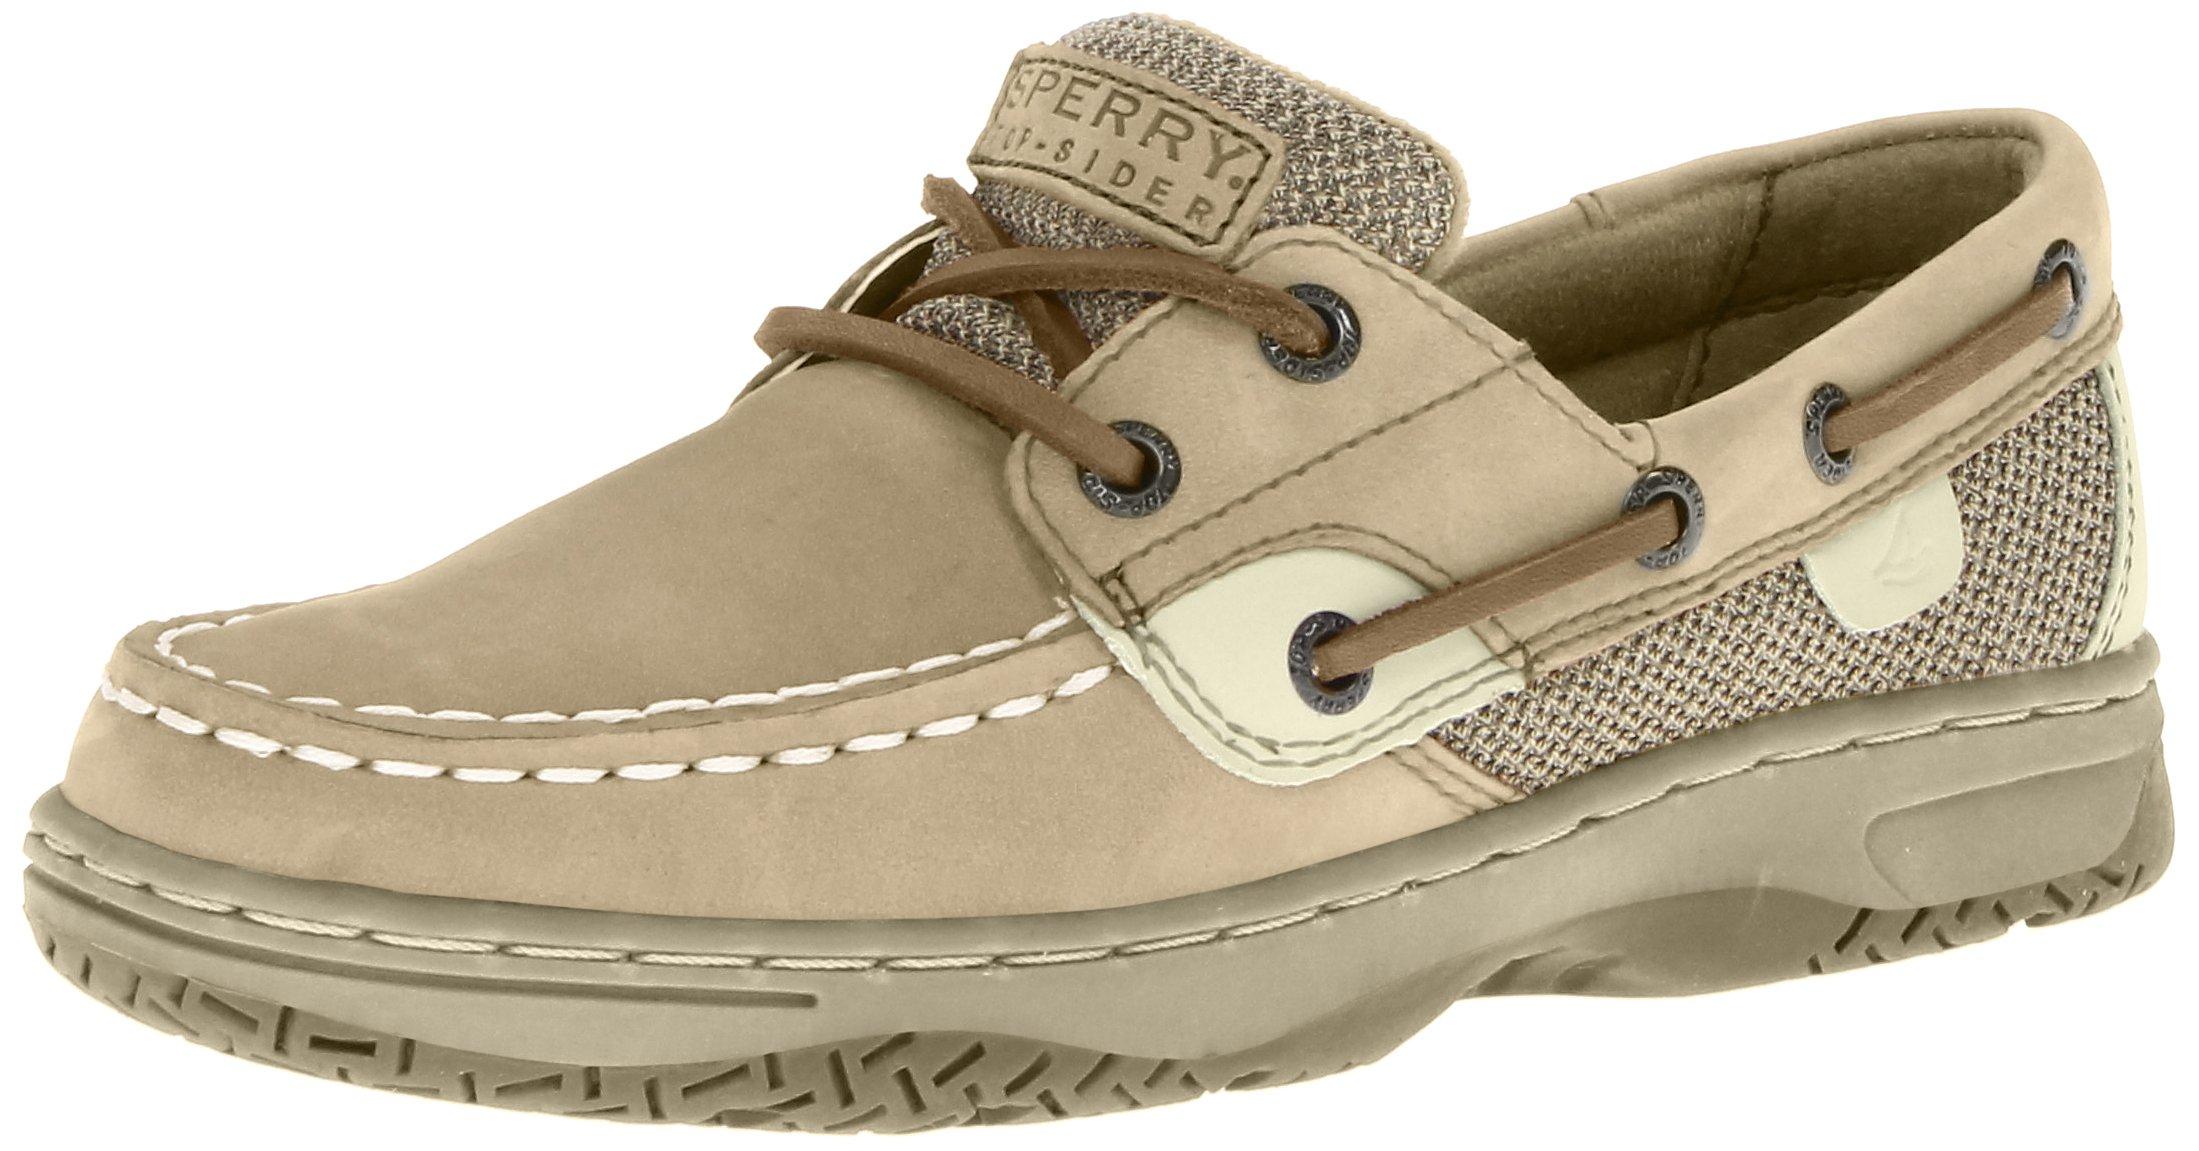 Sperry Bluefish Boat Shoe (Toddler/Little Kid/Big Kid),Linen/Oat,5 M US Big Kid